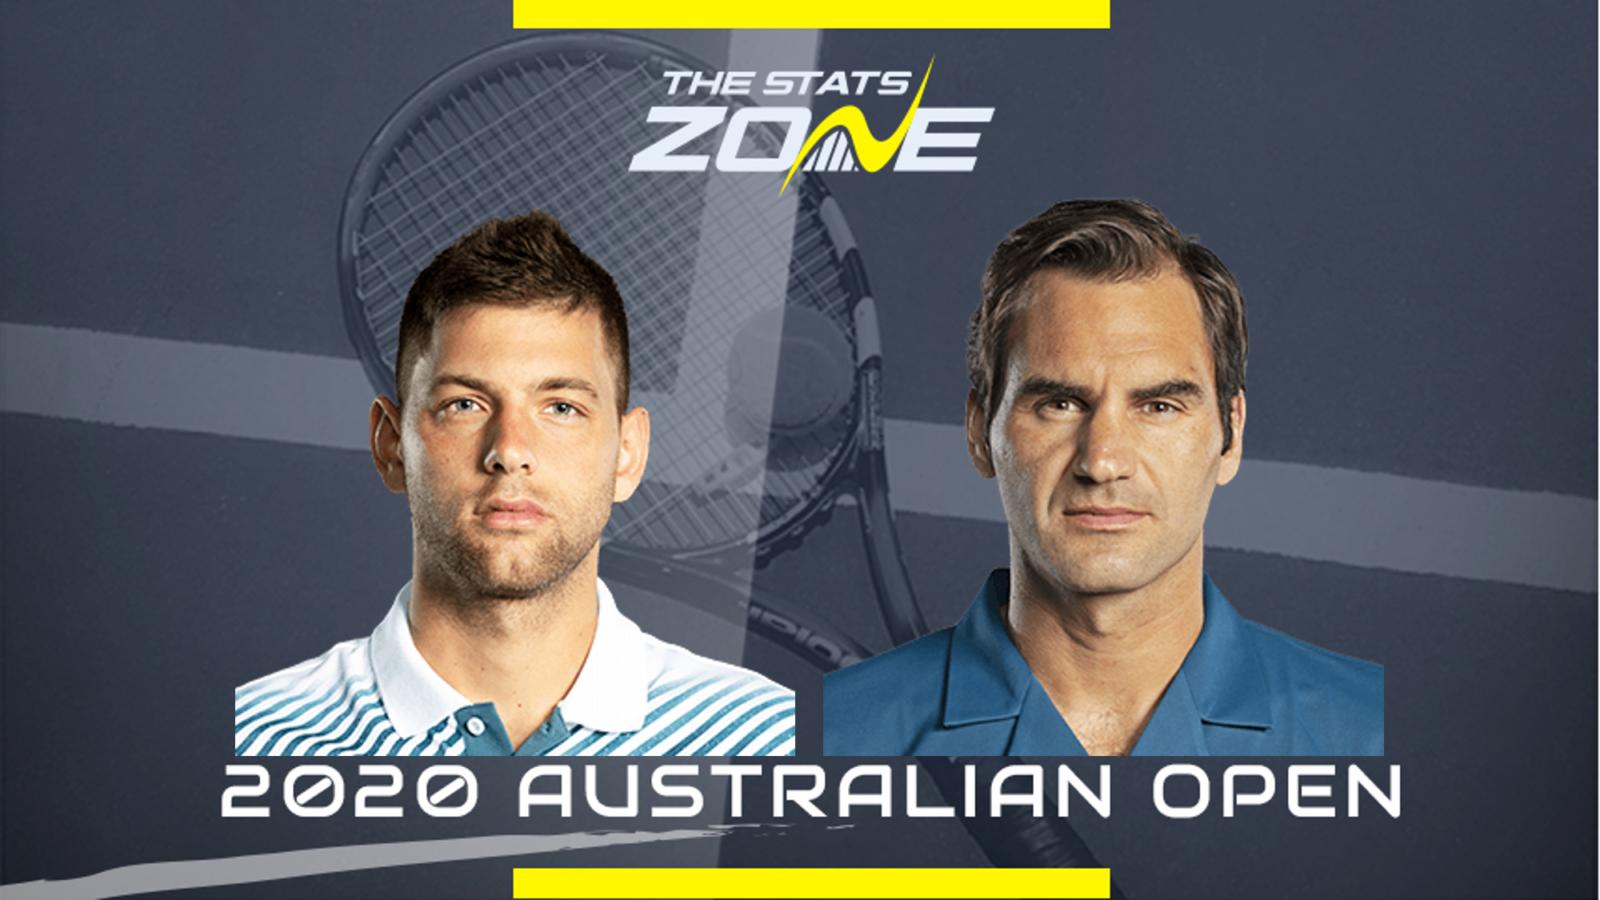 2020 Australian Open Filip Krajinovic Vs Roger Federer